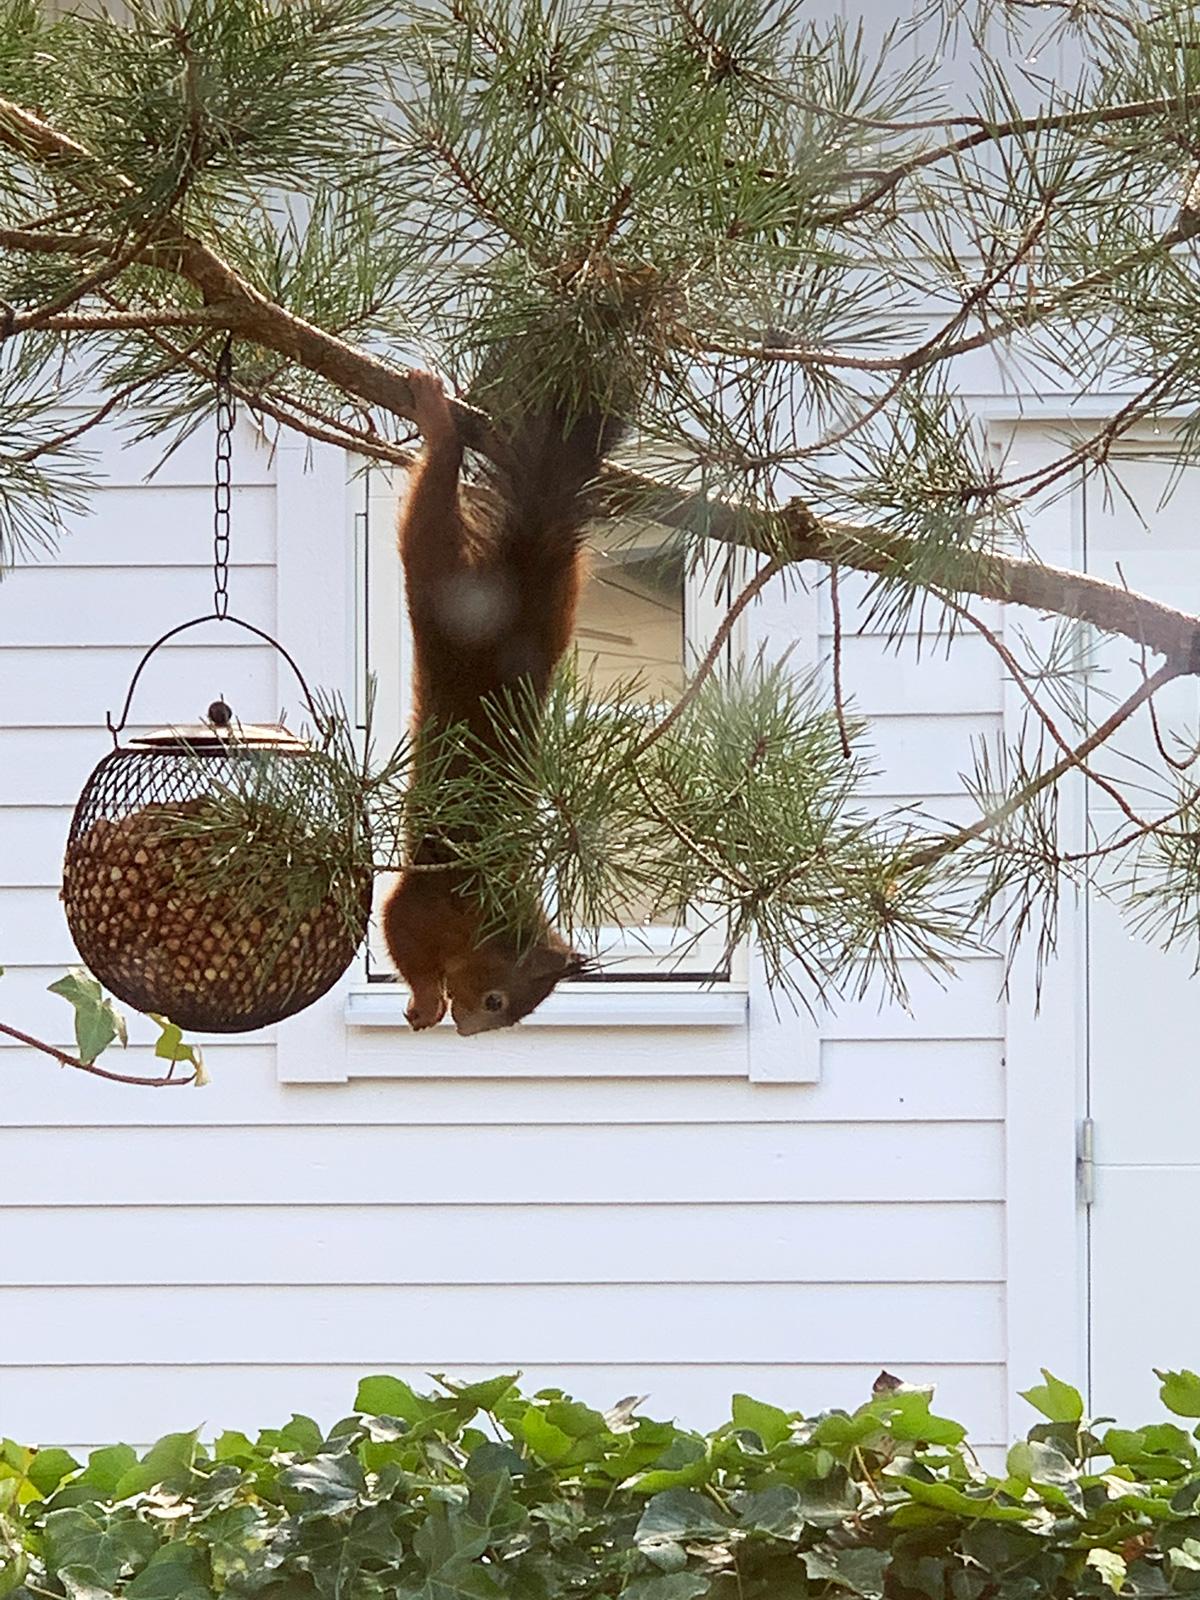 Ekorre äter nötter ut fågelmatare